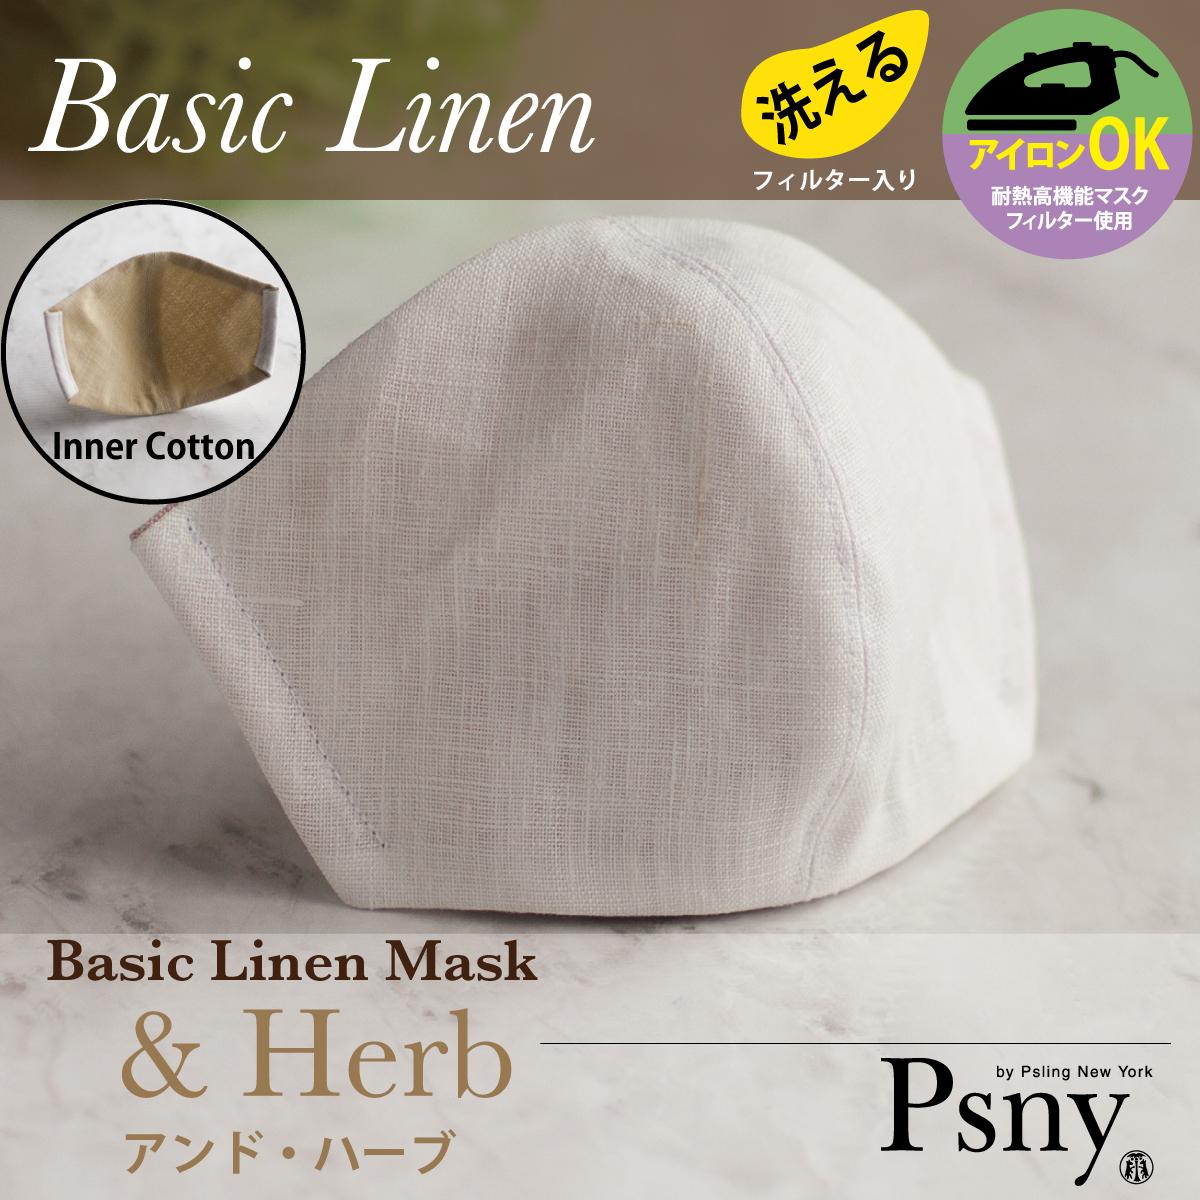 PSNY ベーシックリネン・ホワイト(&ハーブ) 花粉 黄砂 洗えるフィルター入り 立体 マスク 大人用 送料無料